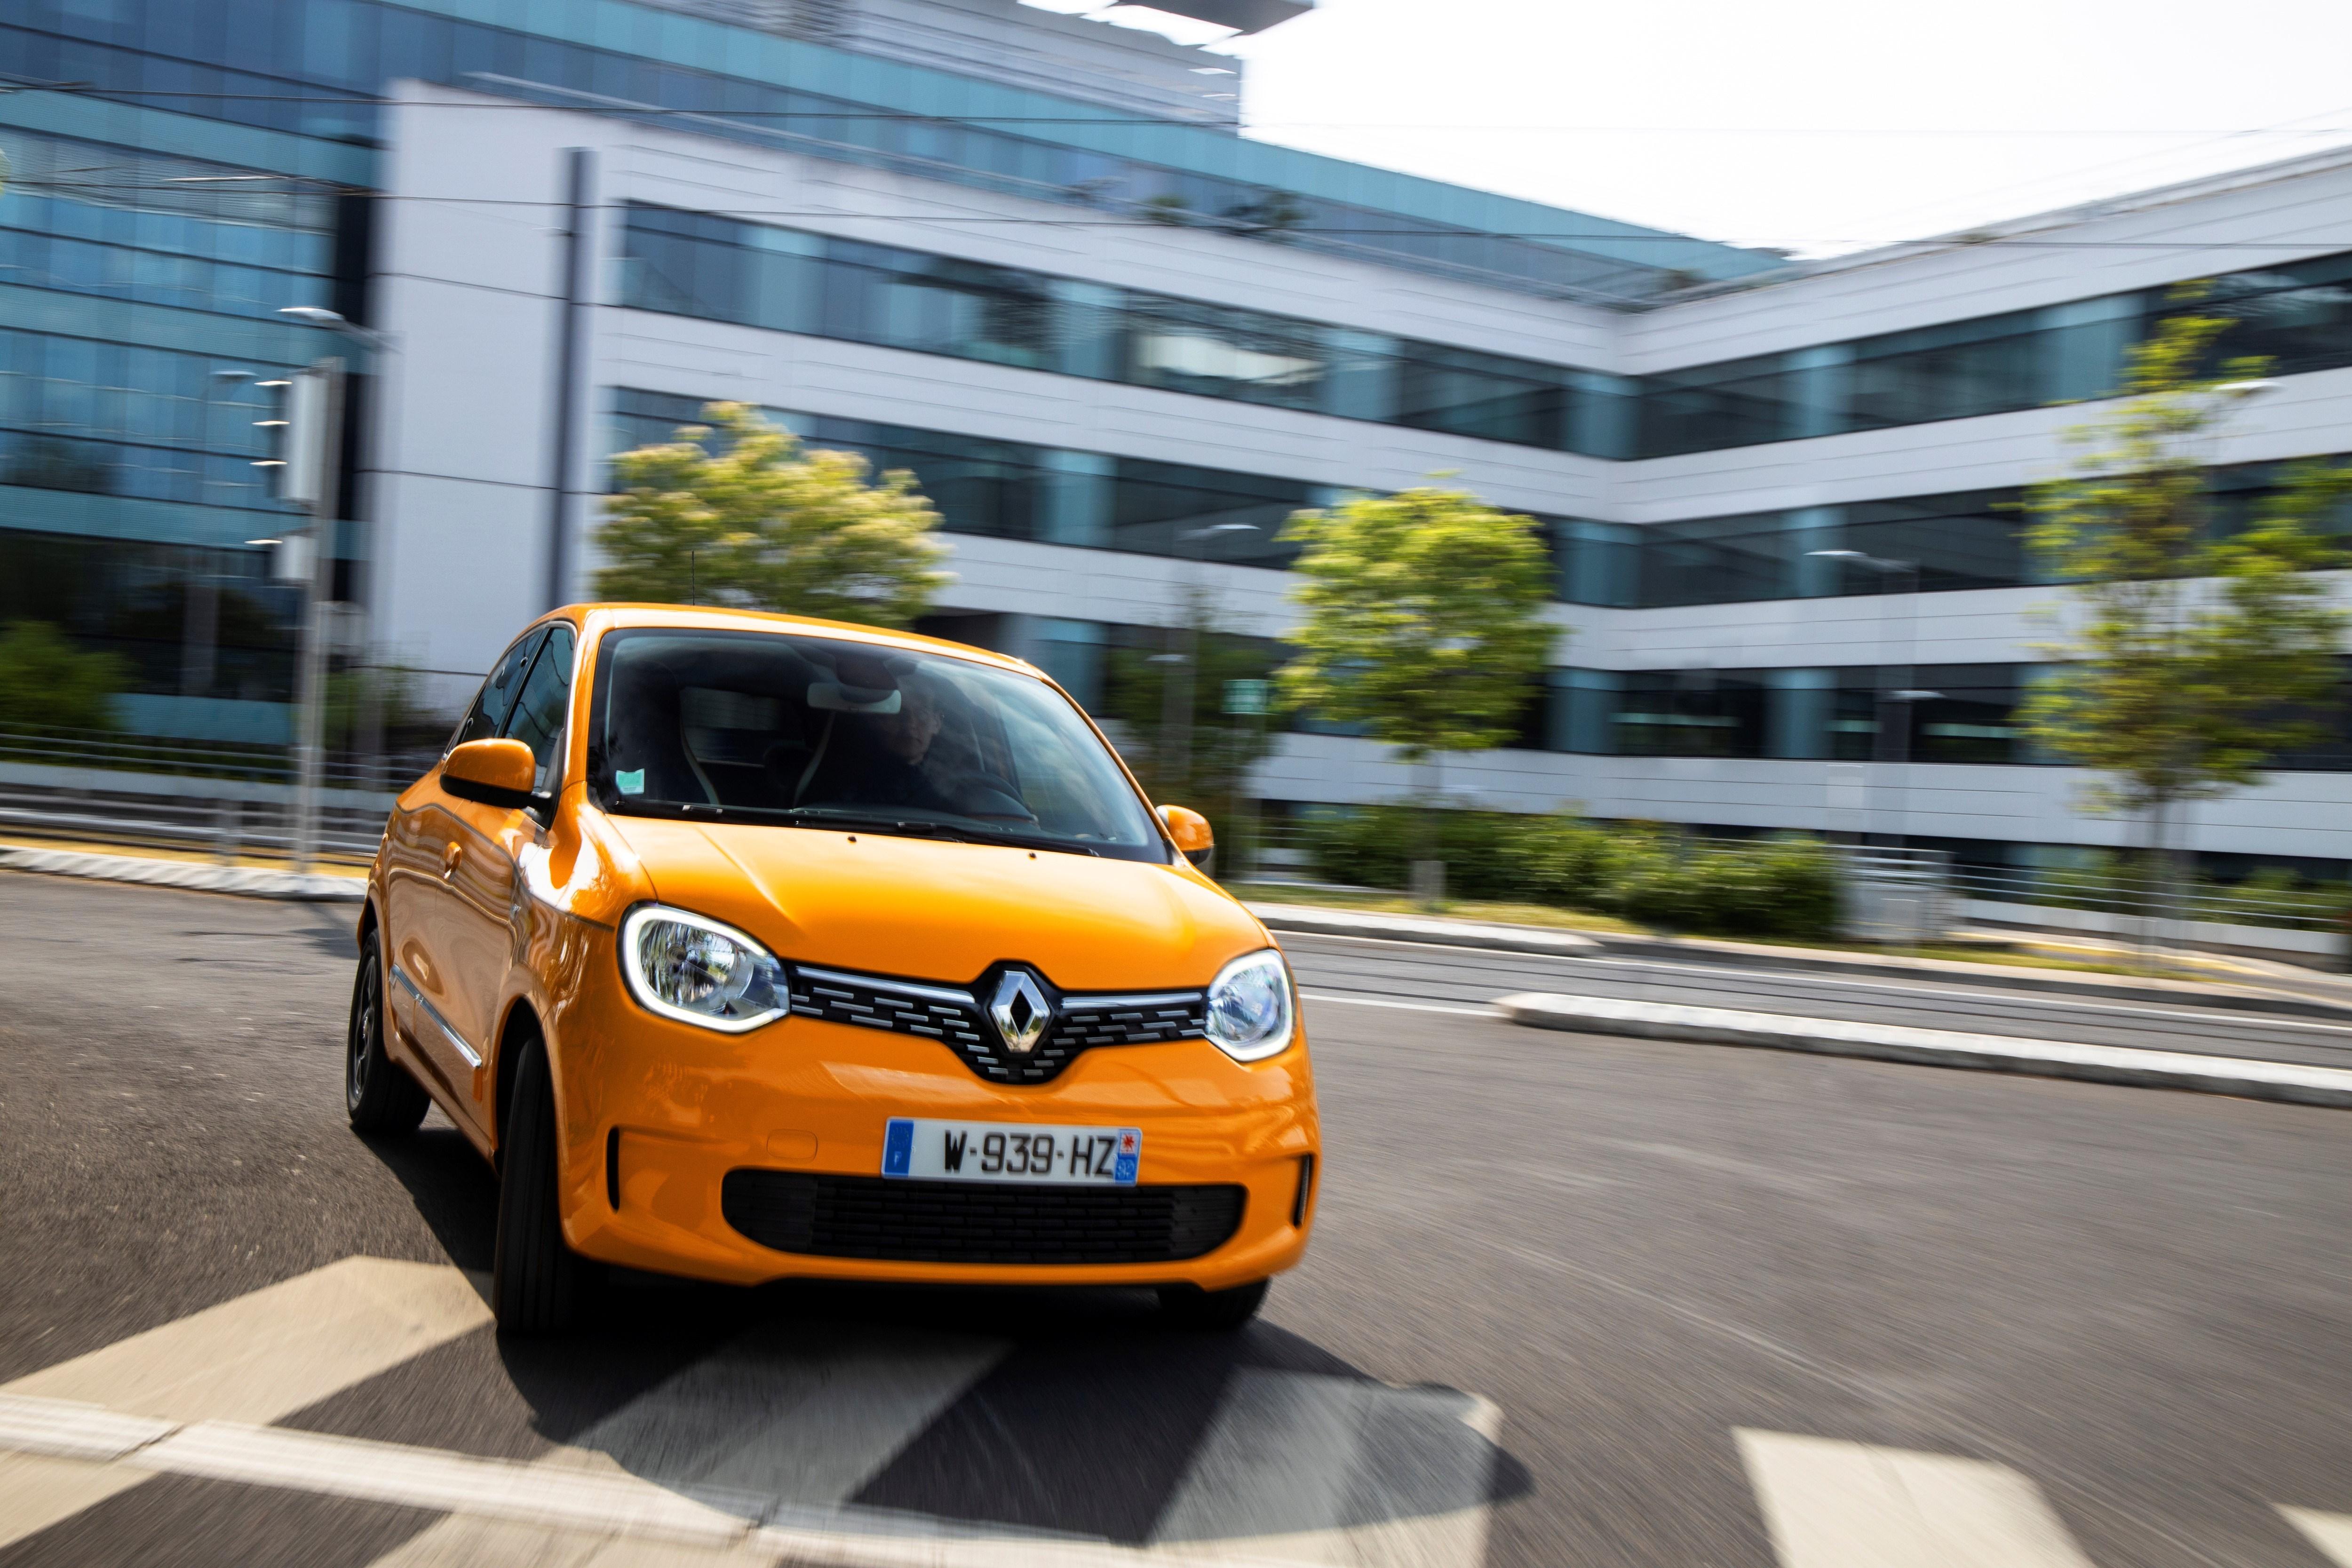 New Renault Twingo exterior